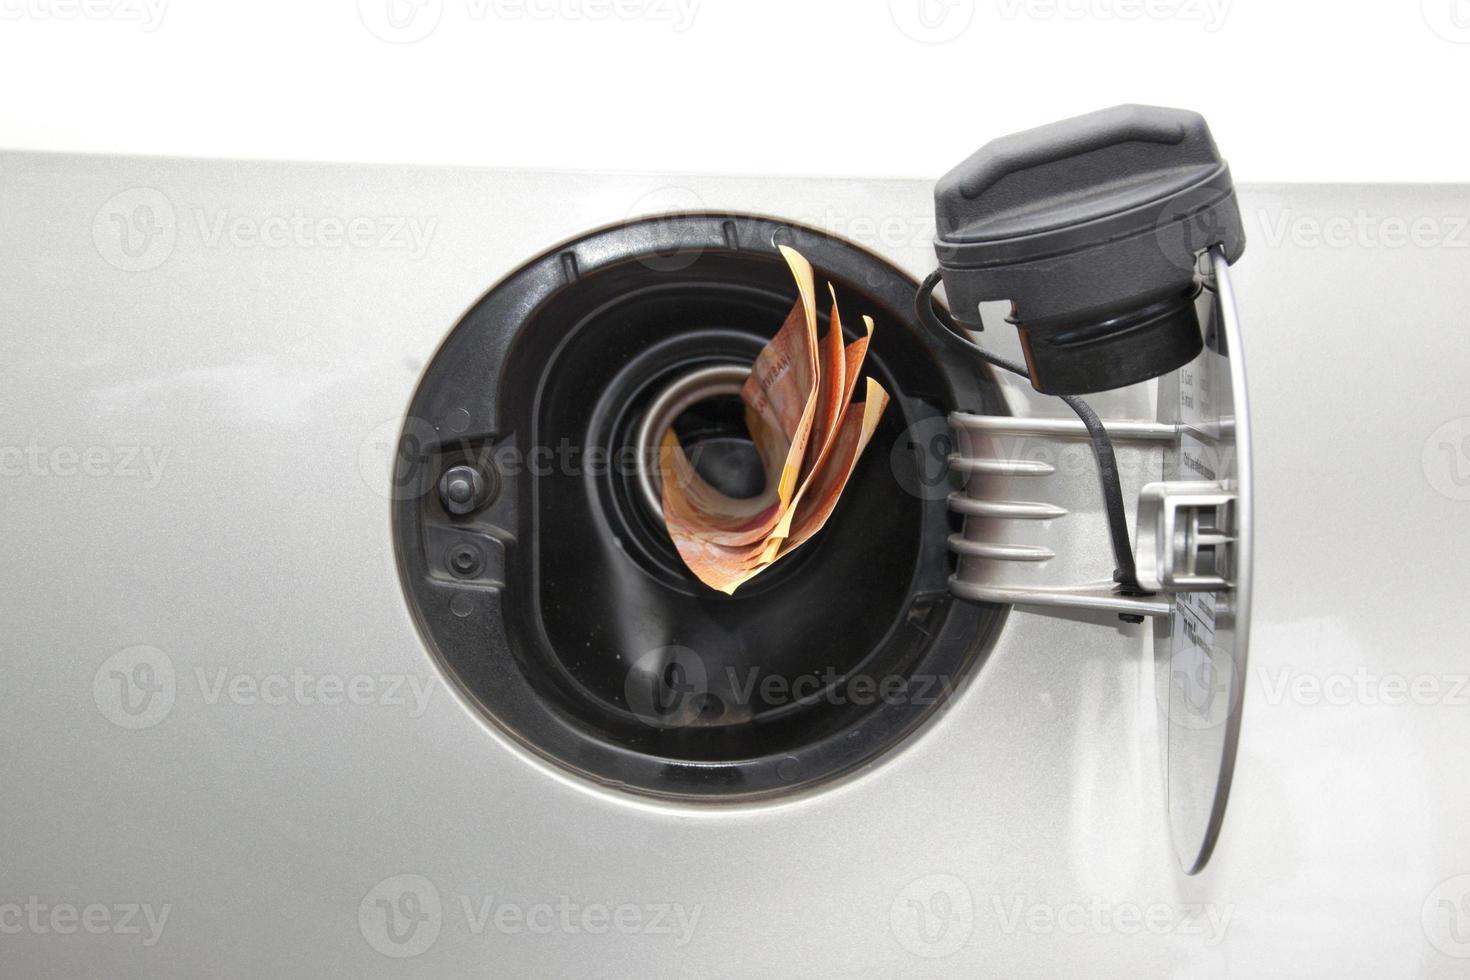 billetes de concepto que alimentan en la tubería de recarga de gasolina foto